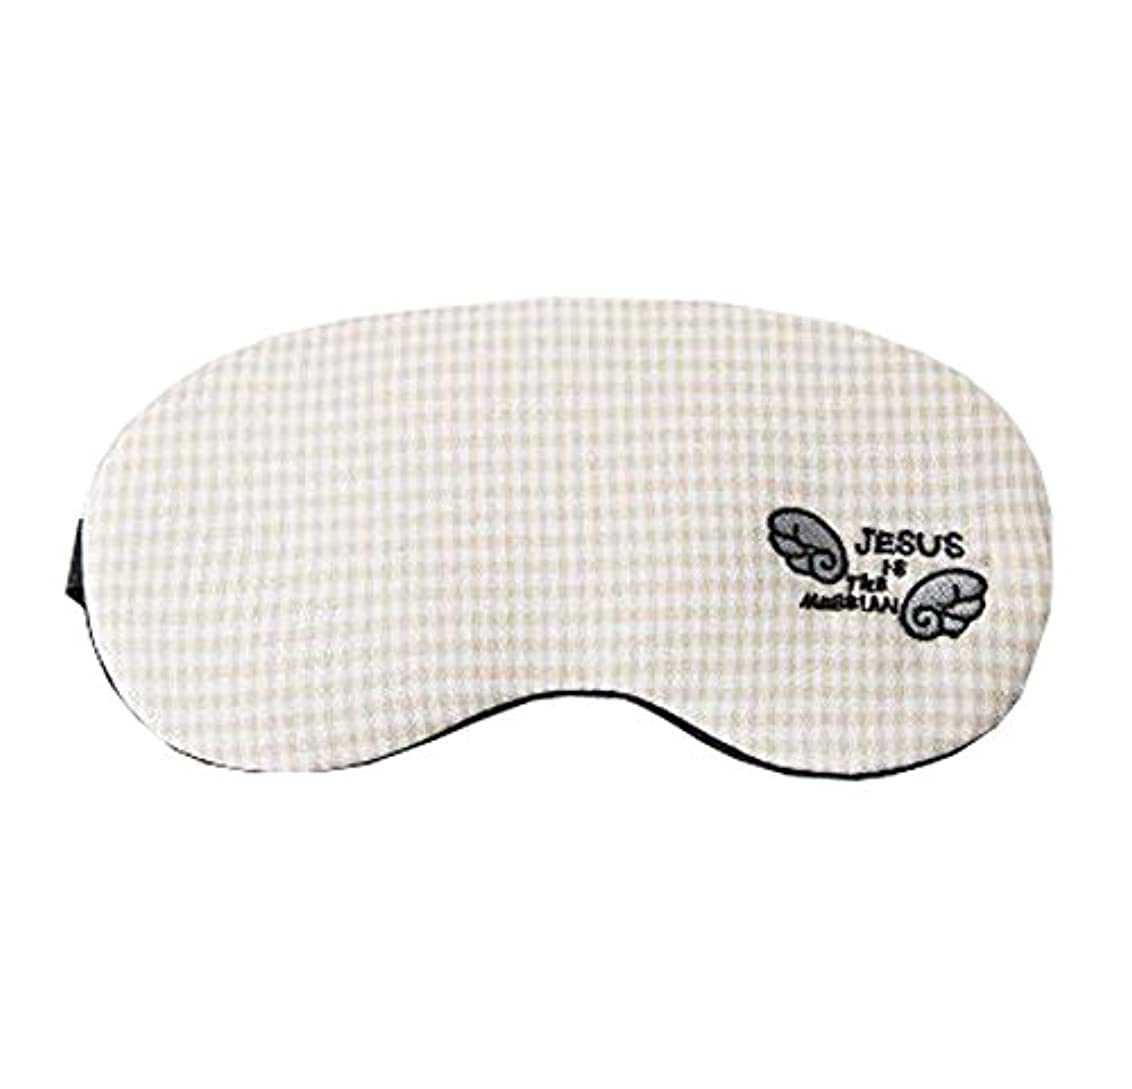 十適切な脈拍快適なかわいい目のマスクは、睡眠の作業のための不眠症とストレスを緩和する、F